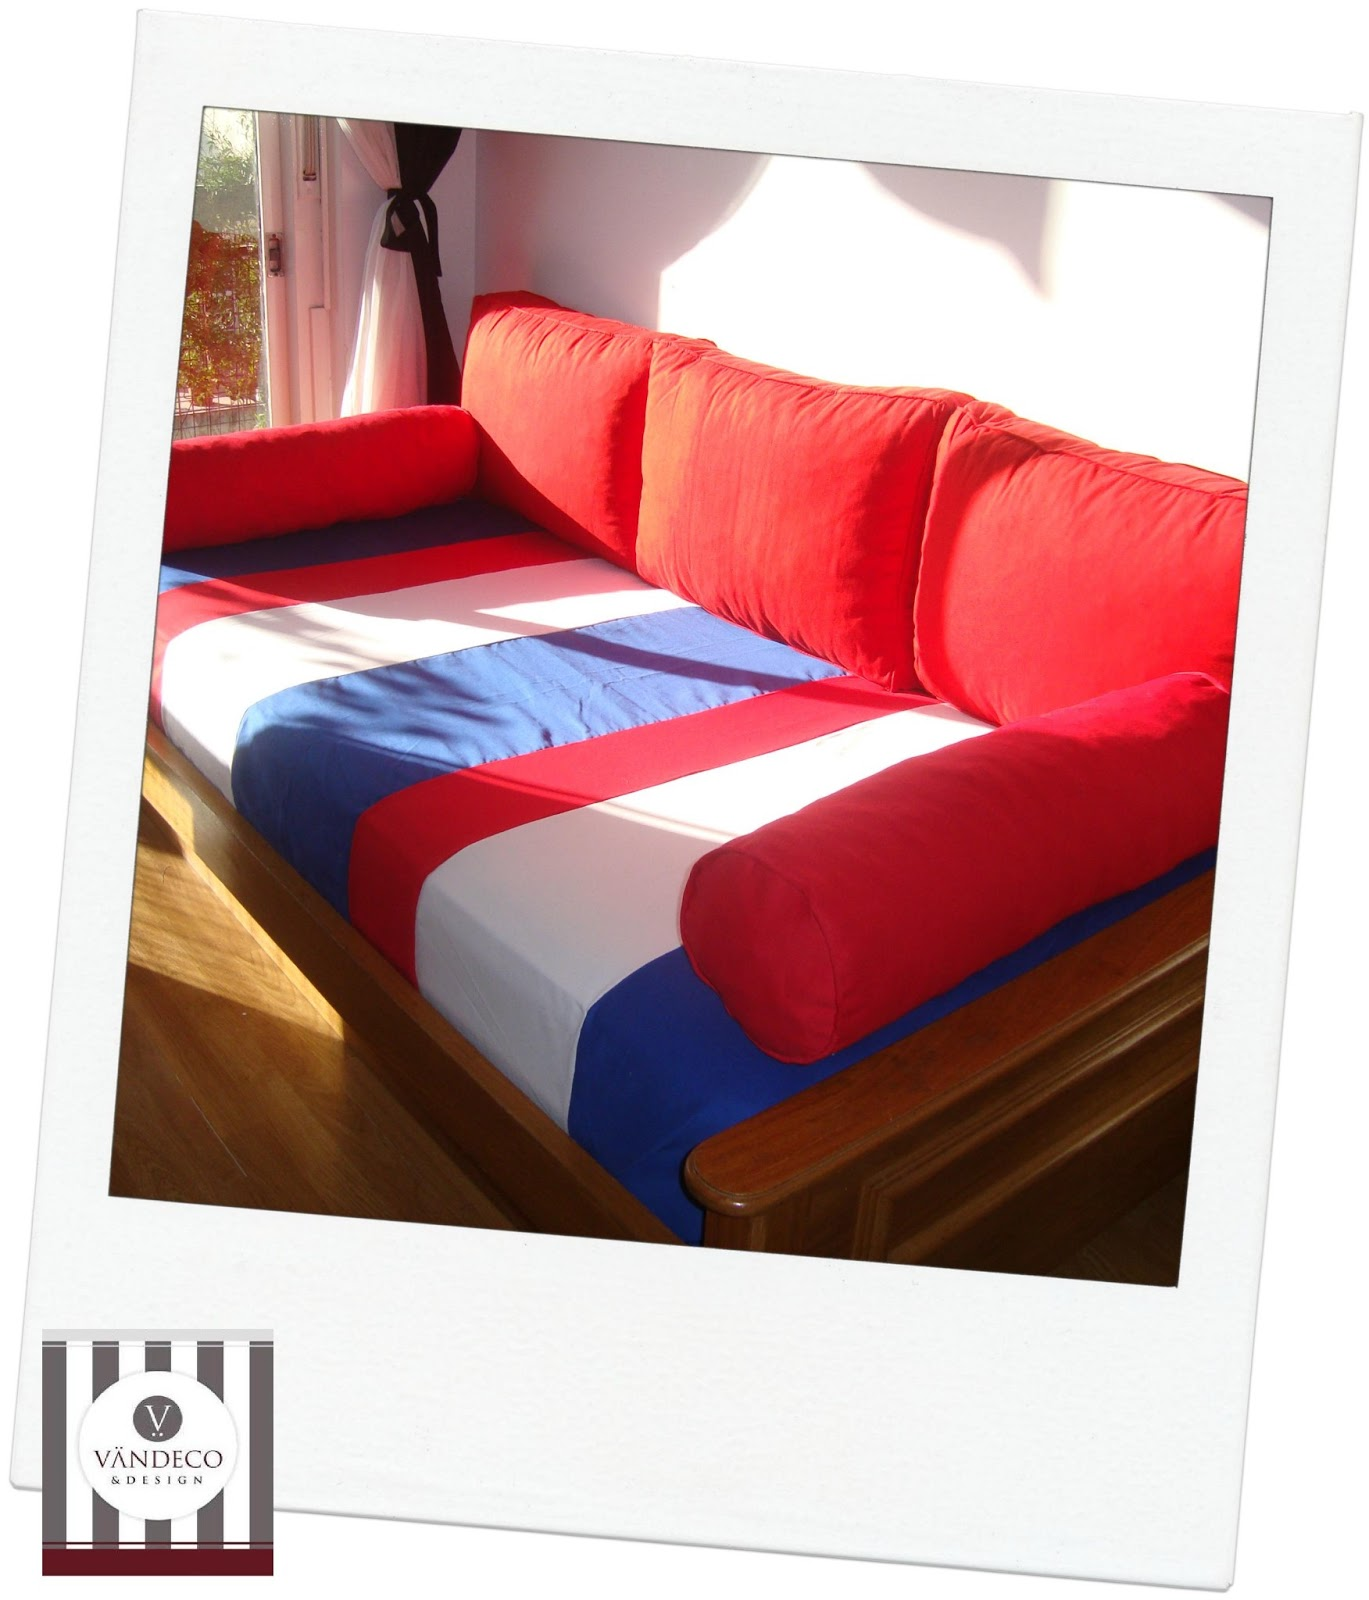 V ndeco design mas ideas de kits para convertir una cama for Sillones de una plaza